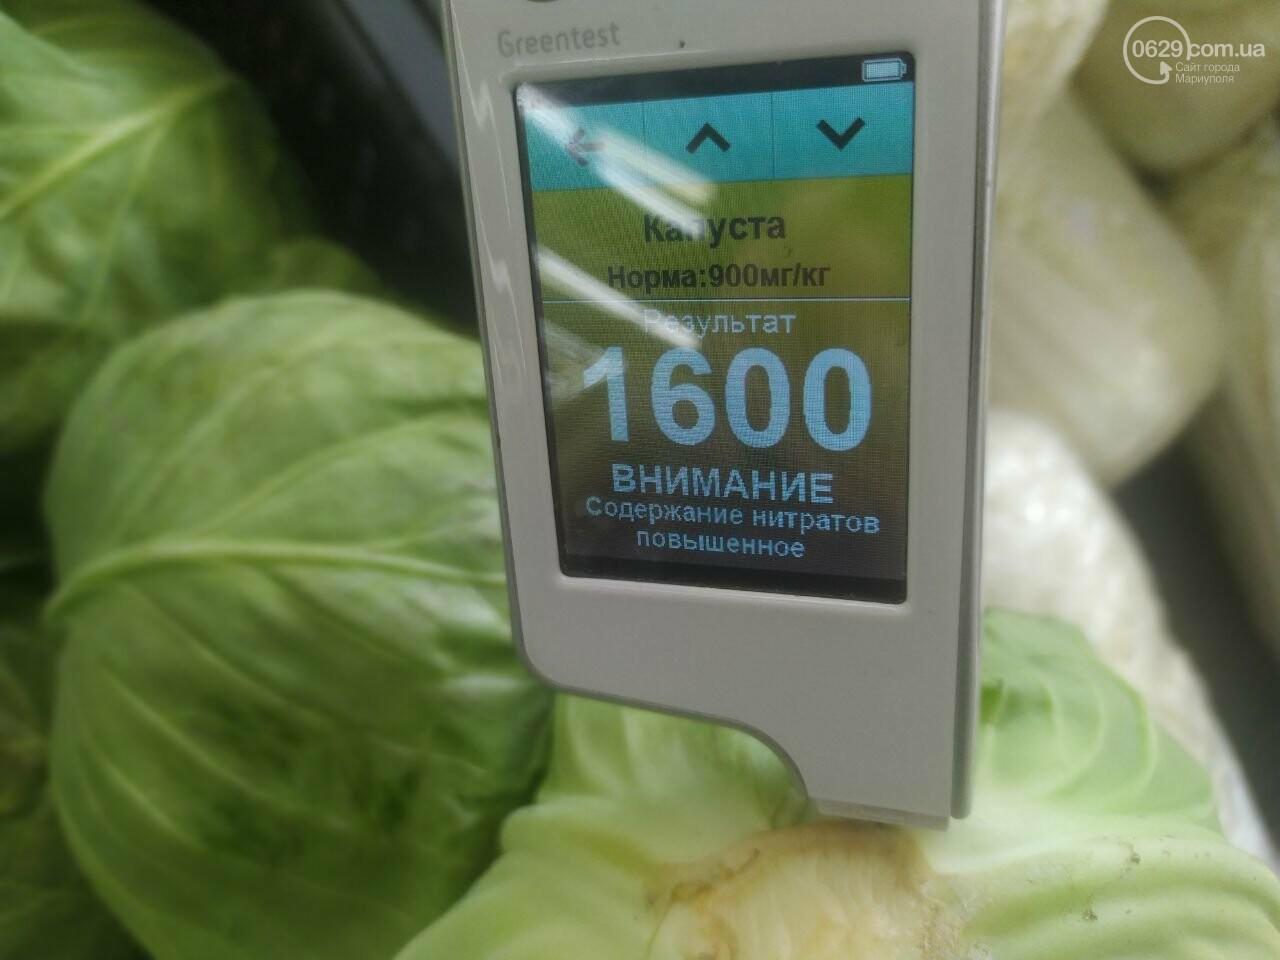 Осторожно, нитраты! В супермаркетах Мариуполя продают опасную редиску и капусту, - ФОТО, фото-10